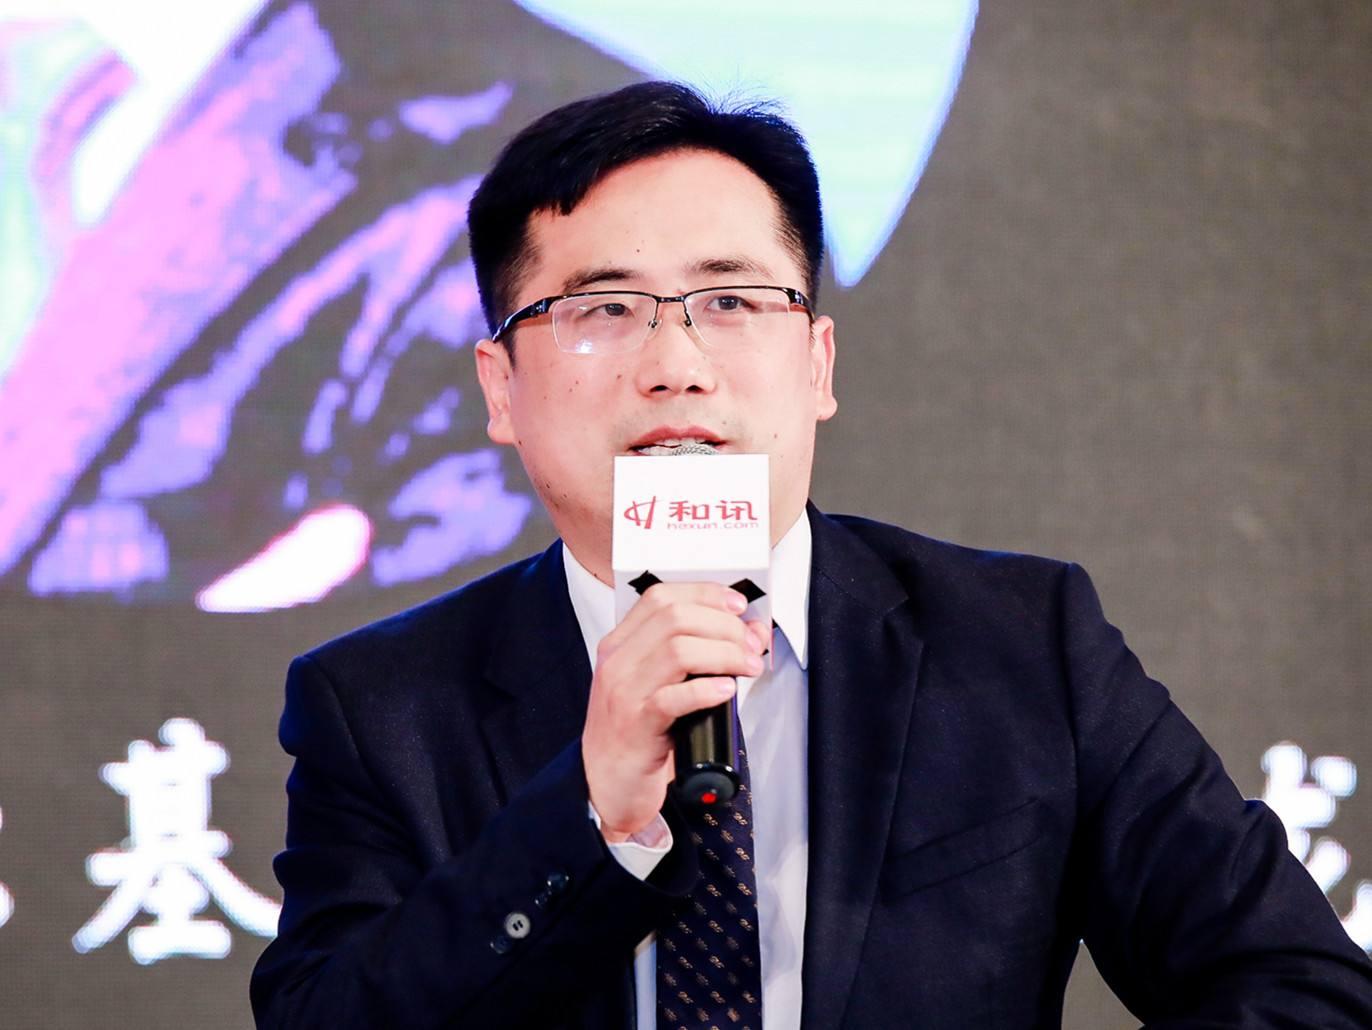 杨德龙:坚持价值投资是实现财富增值的捷径